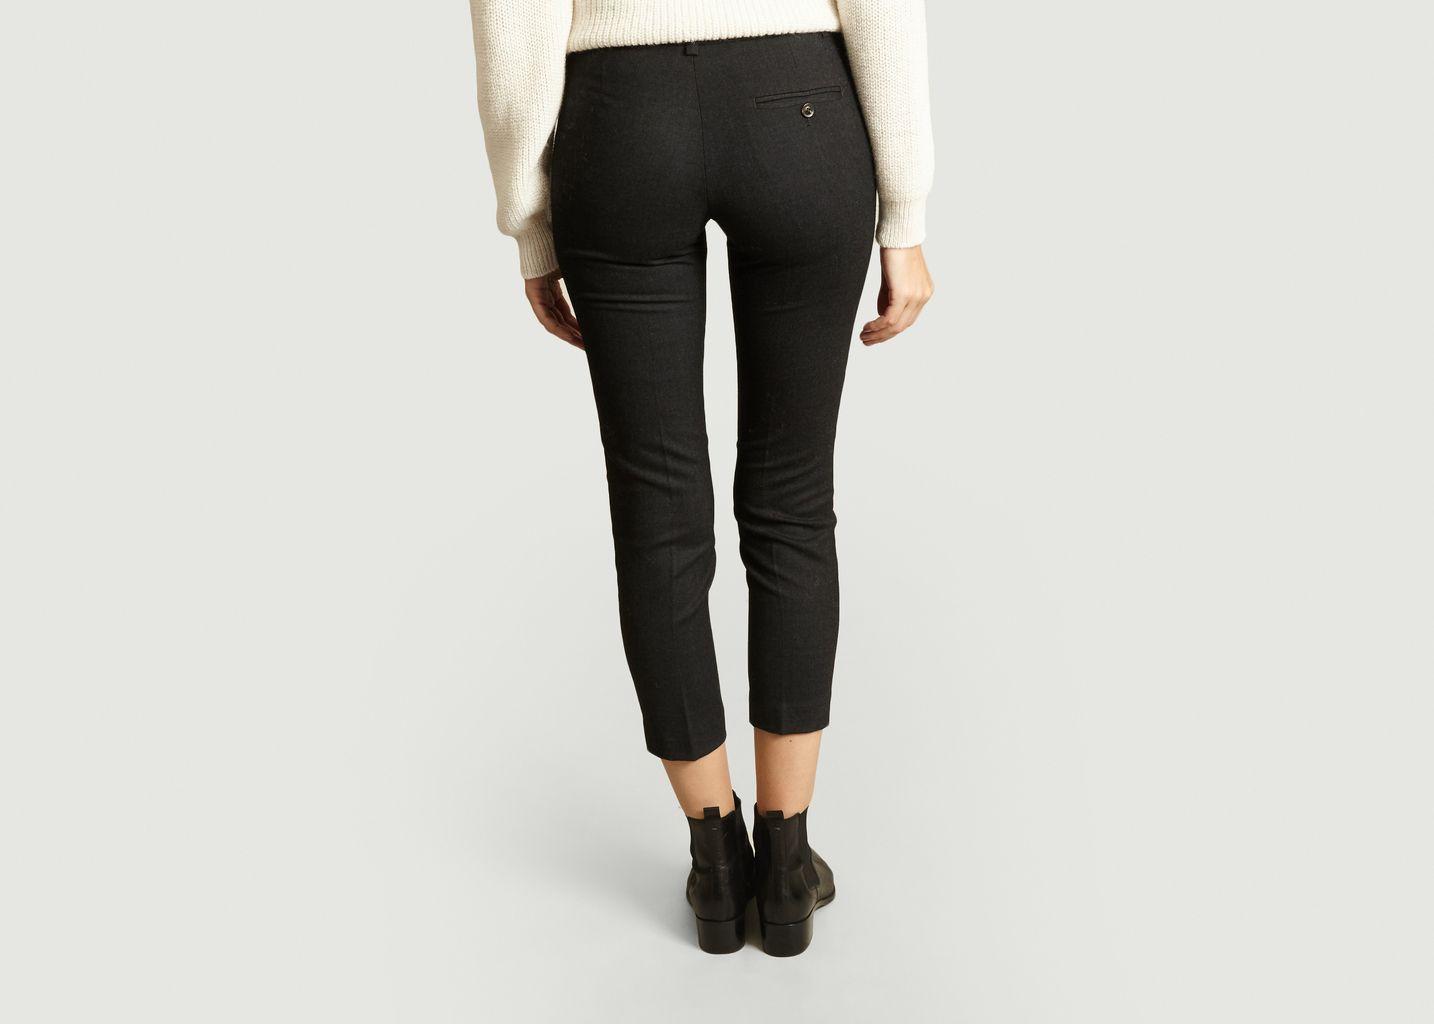 Pantalon Adele - Soeur